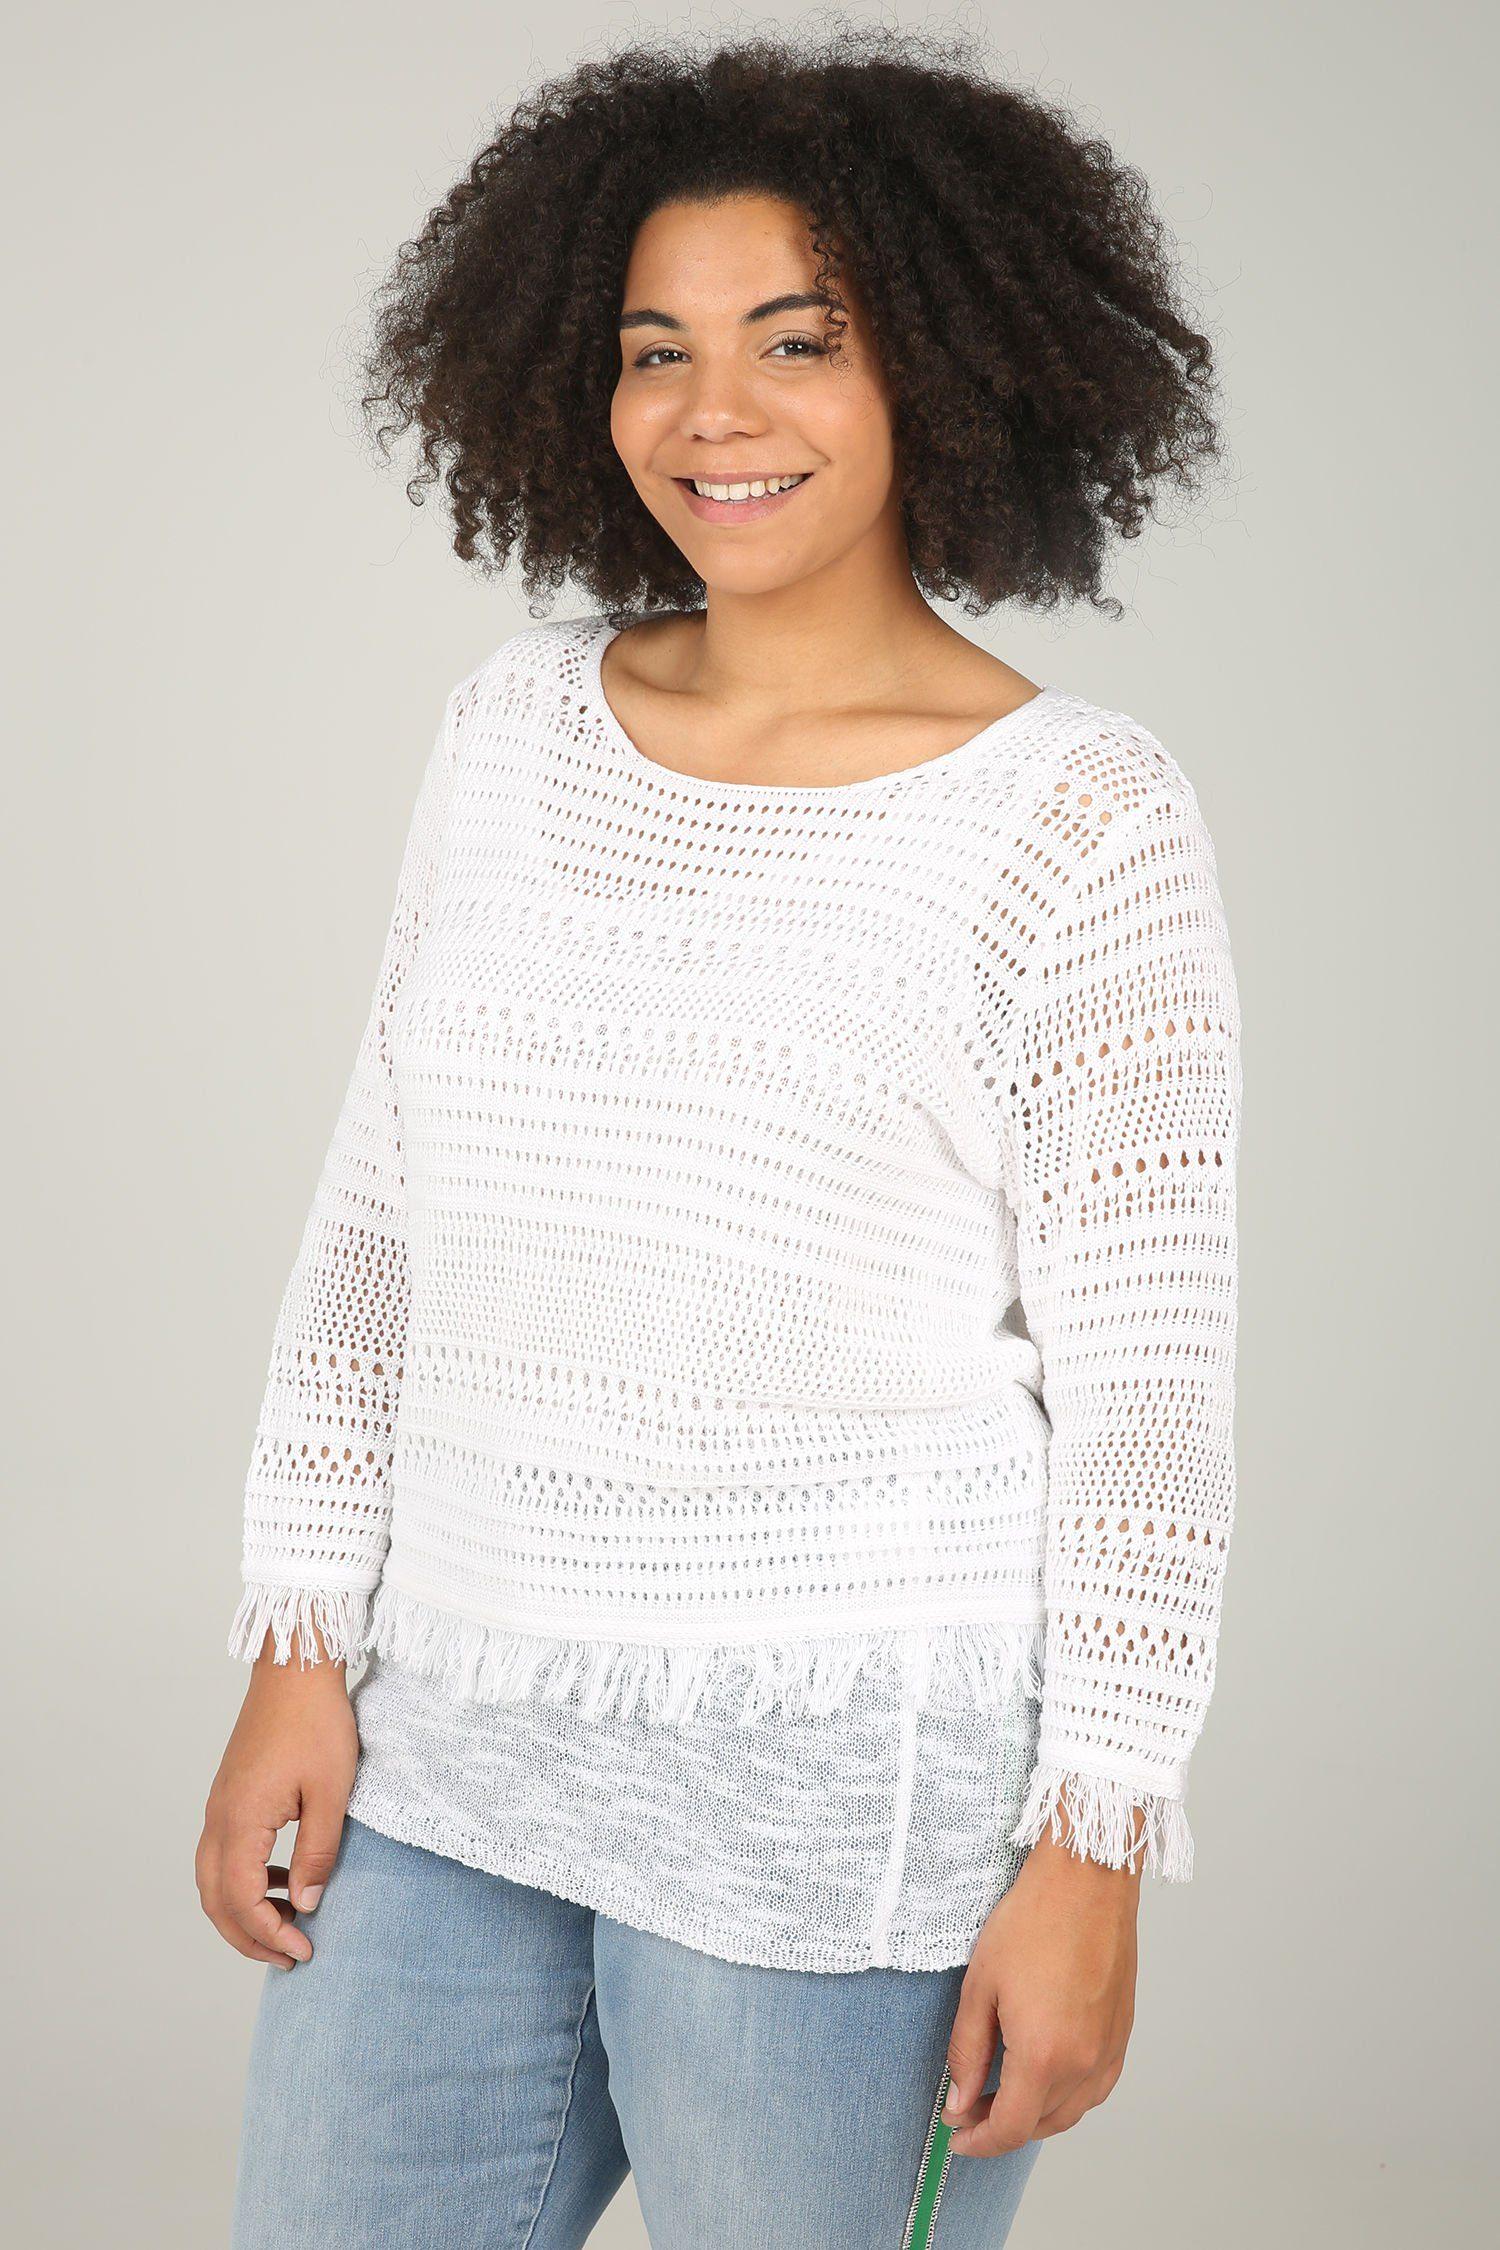 Paprika 3/4 Arm-Pullover Pullover mit Ajourmuster und Fransen   Bekleidung > Pullover > 3/4 Arm-Pullover   Beige   Paprika